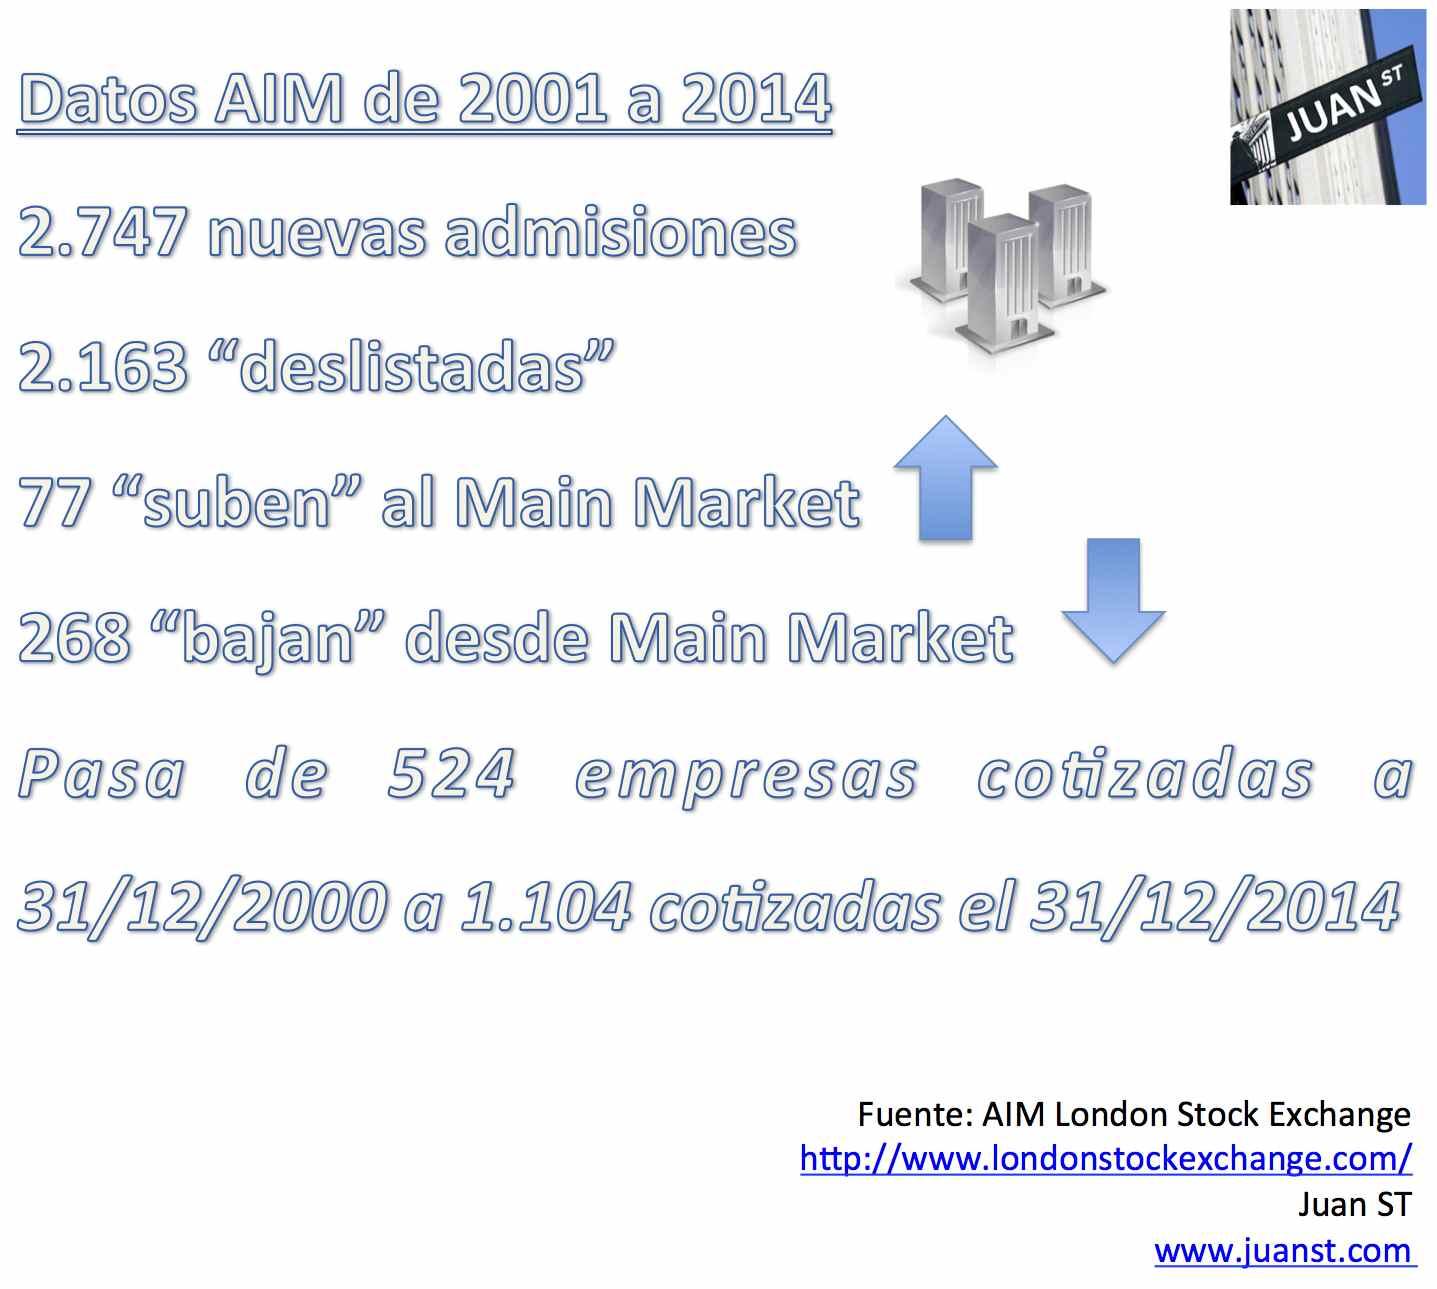 Datos AIM 2001 - 2014